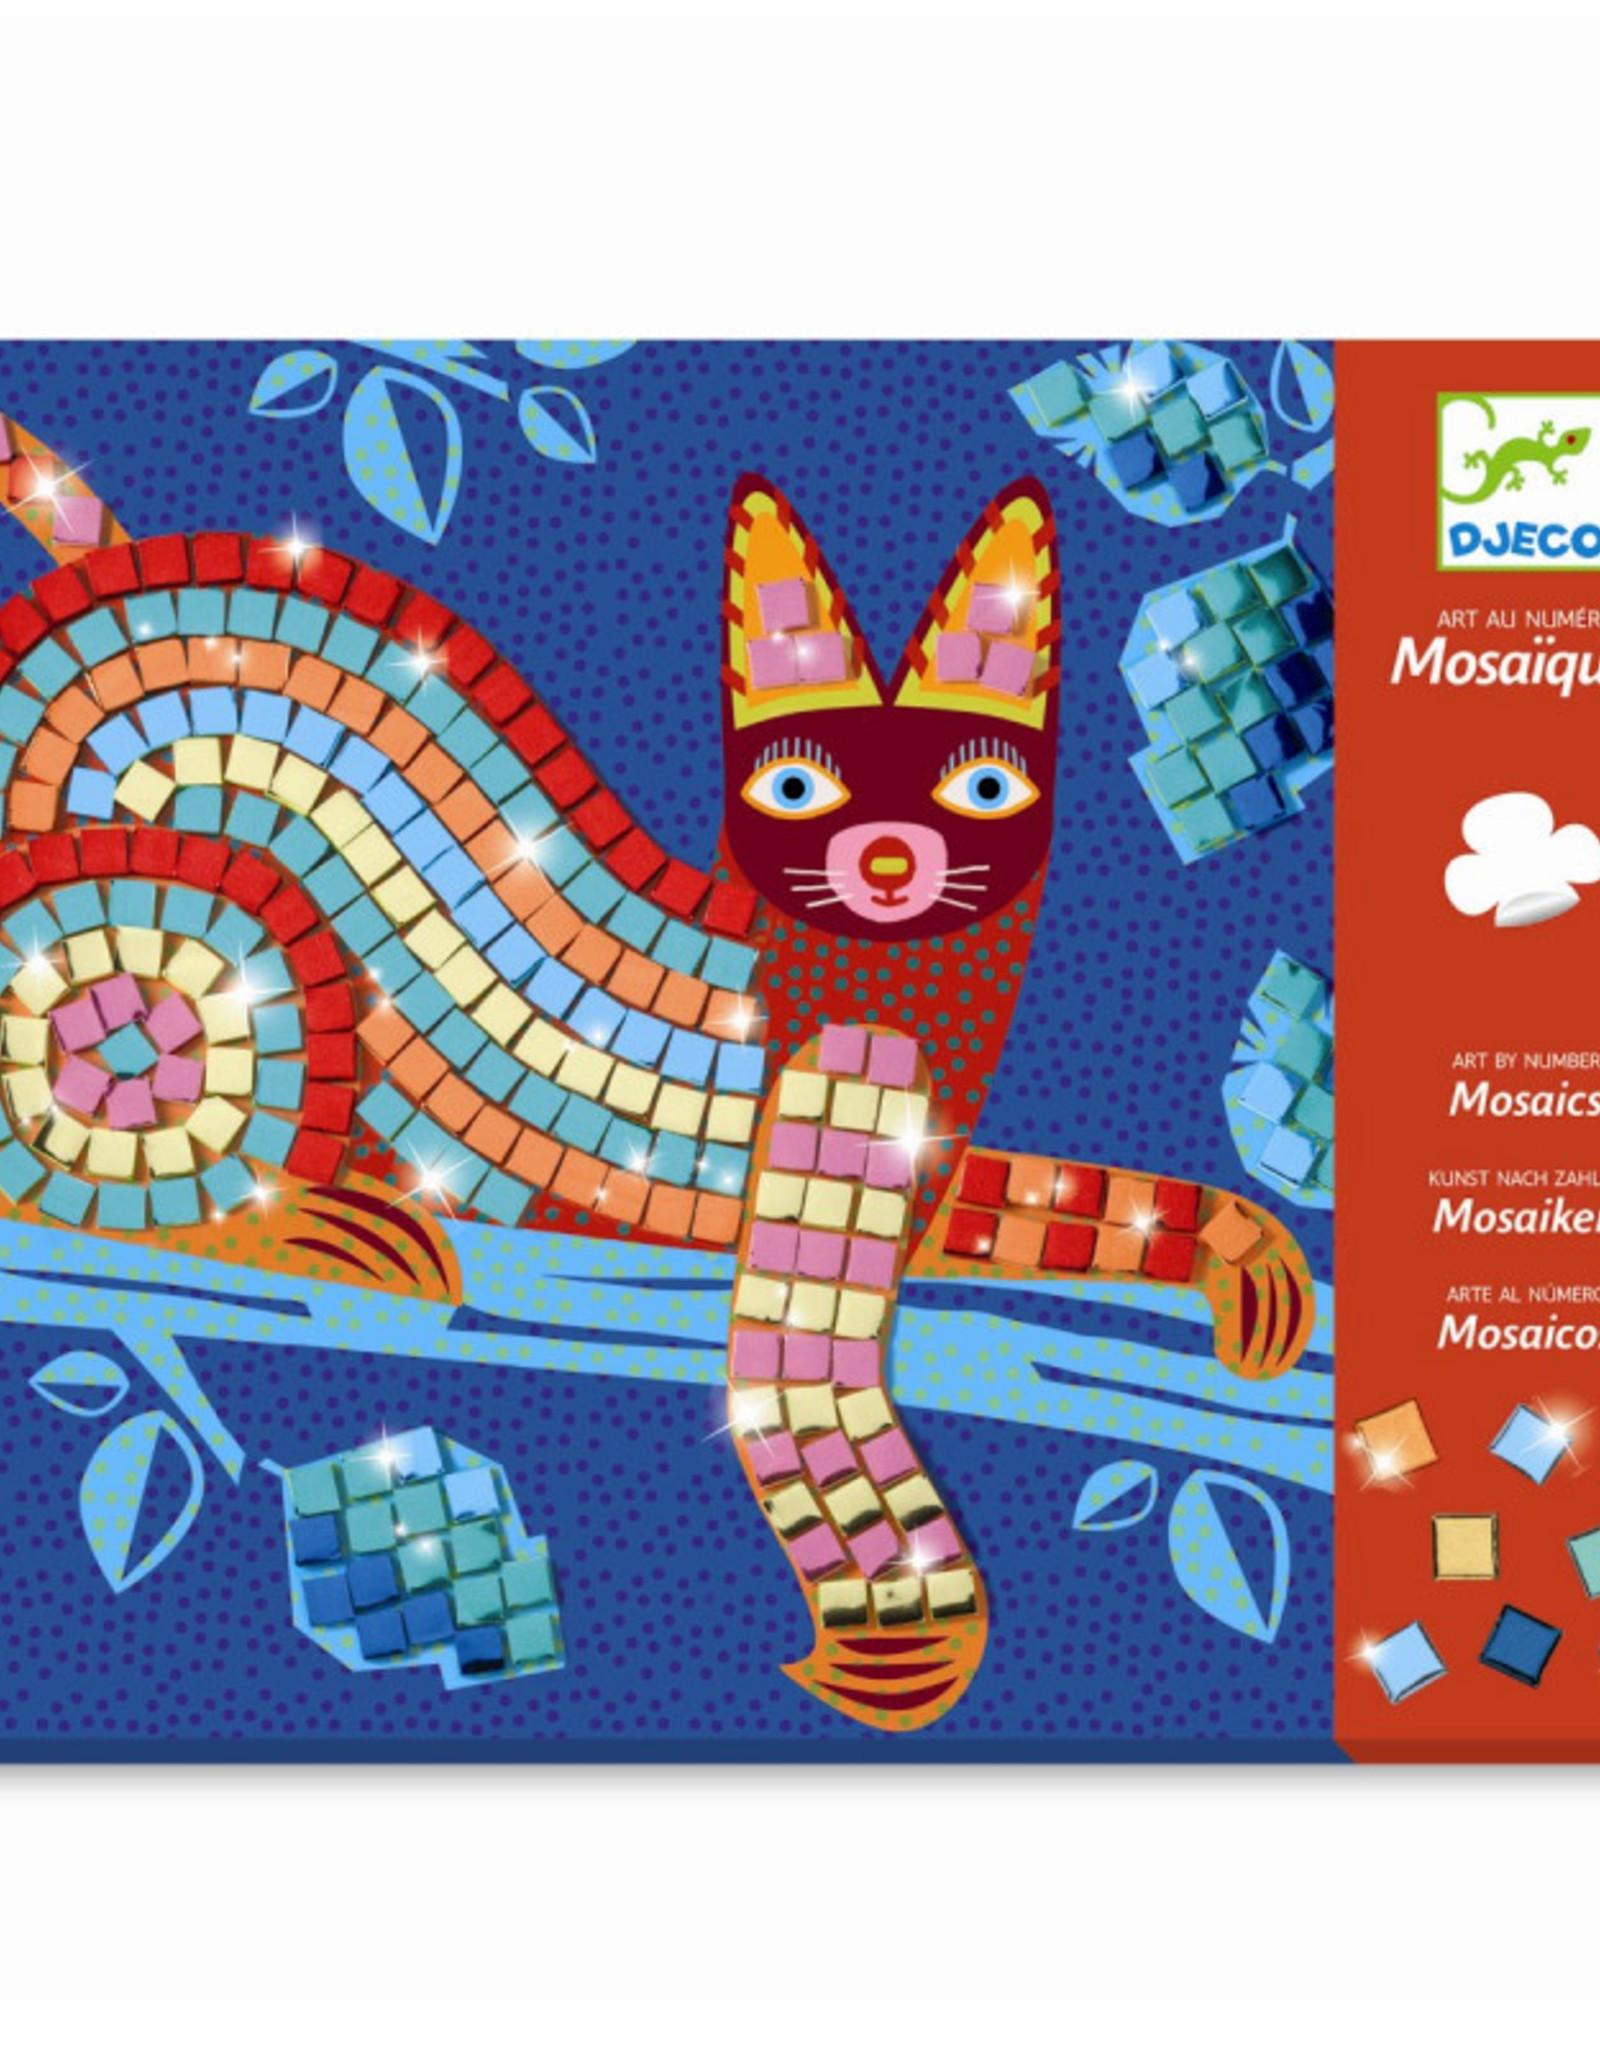 Djeco Mozaiek Oaxacan